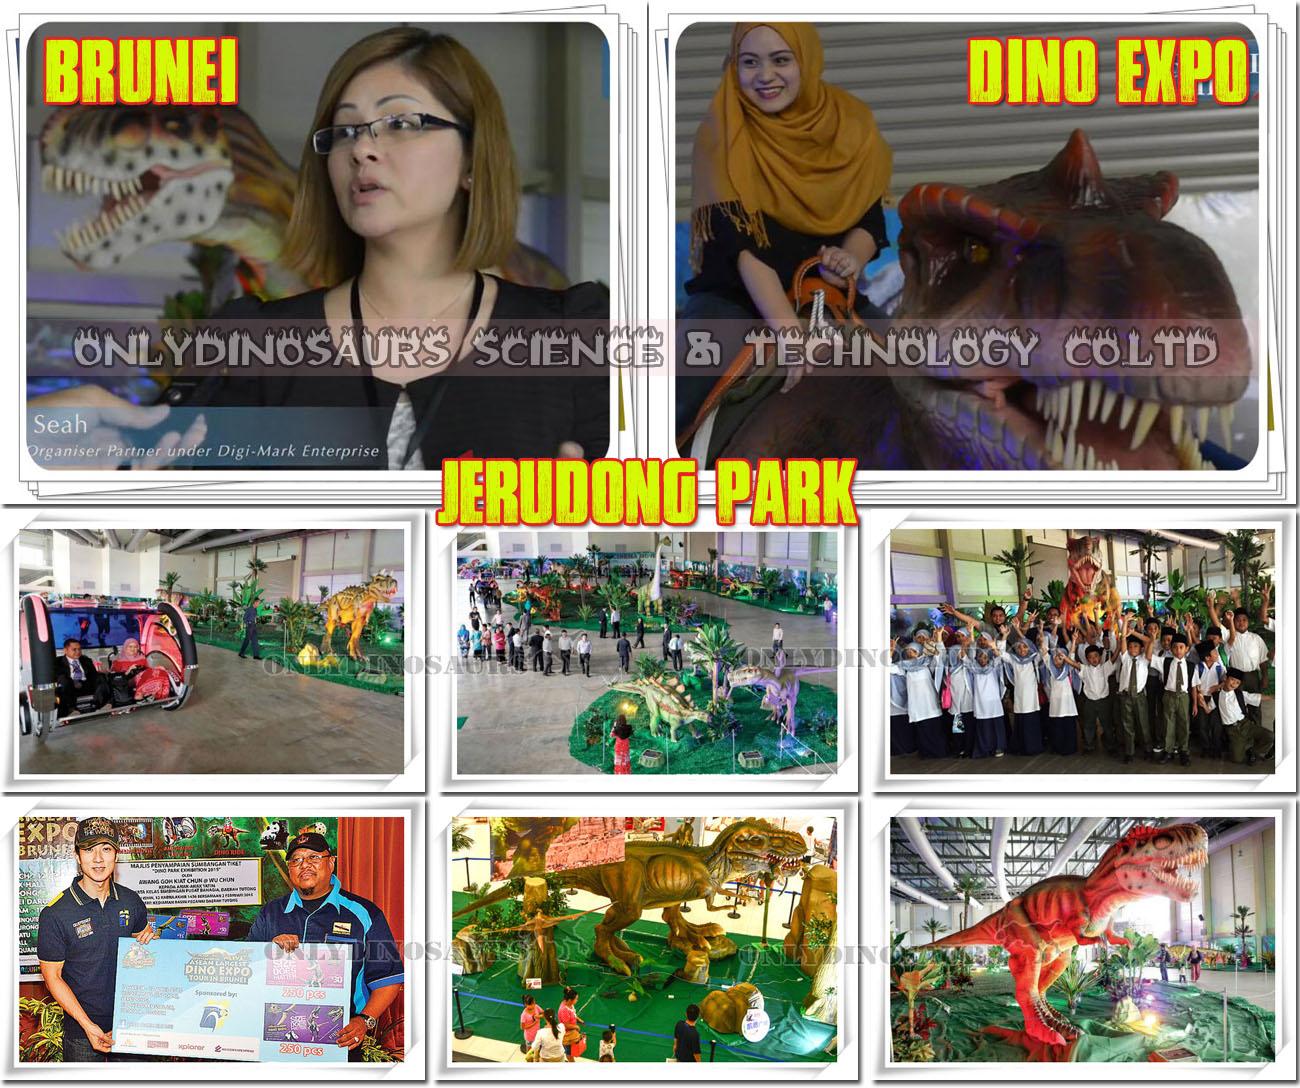 Dinosaur Exhibition in Brunei